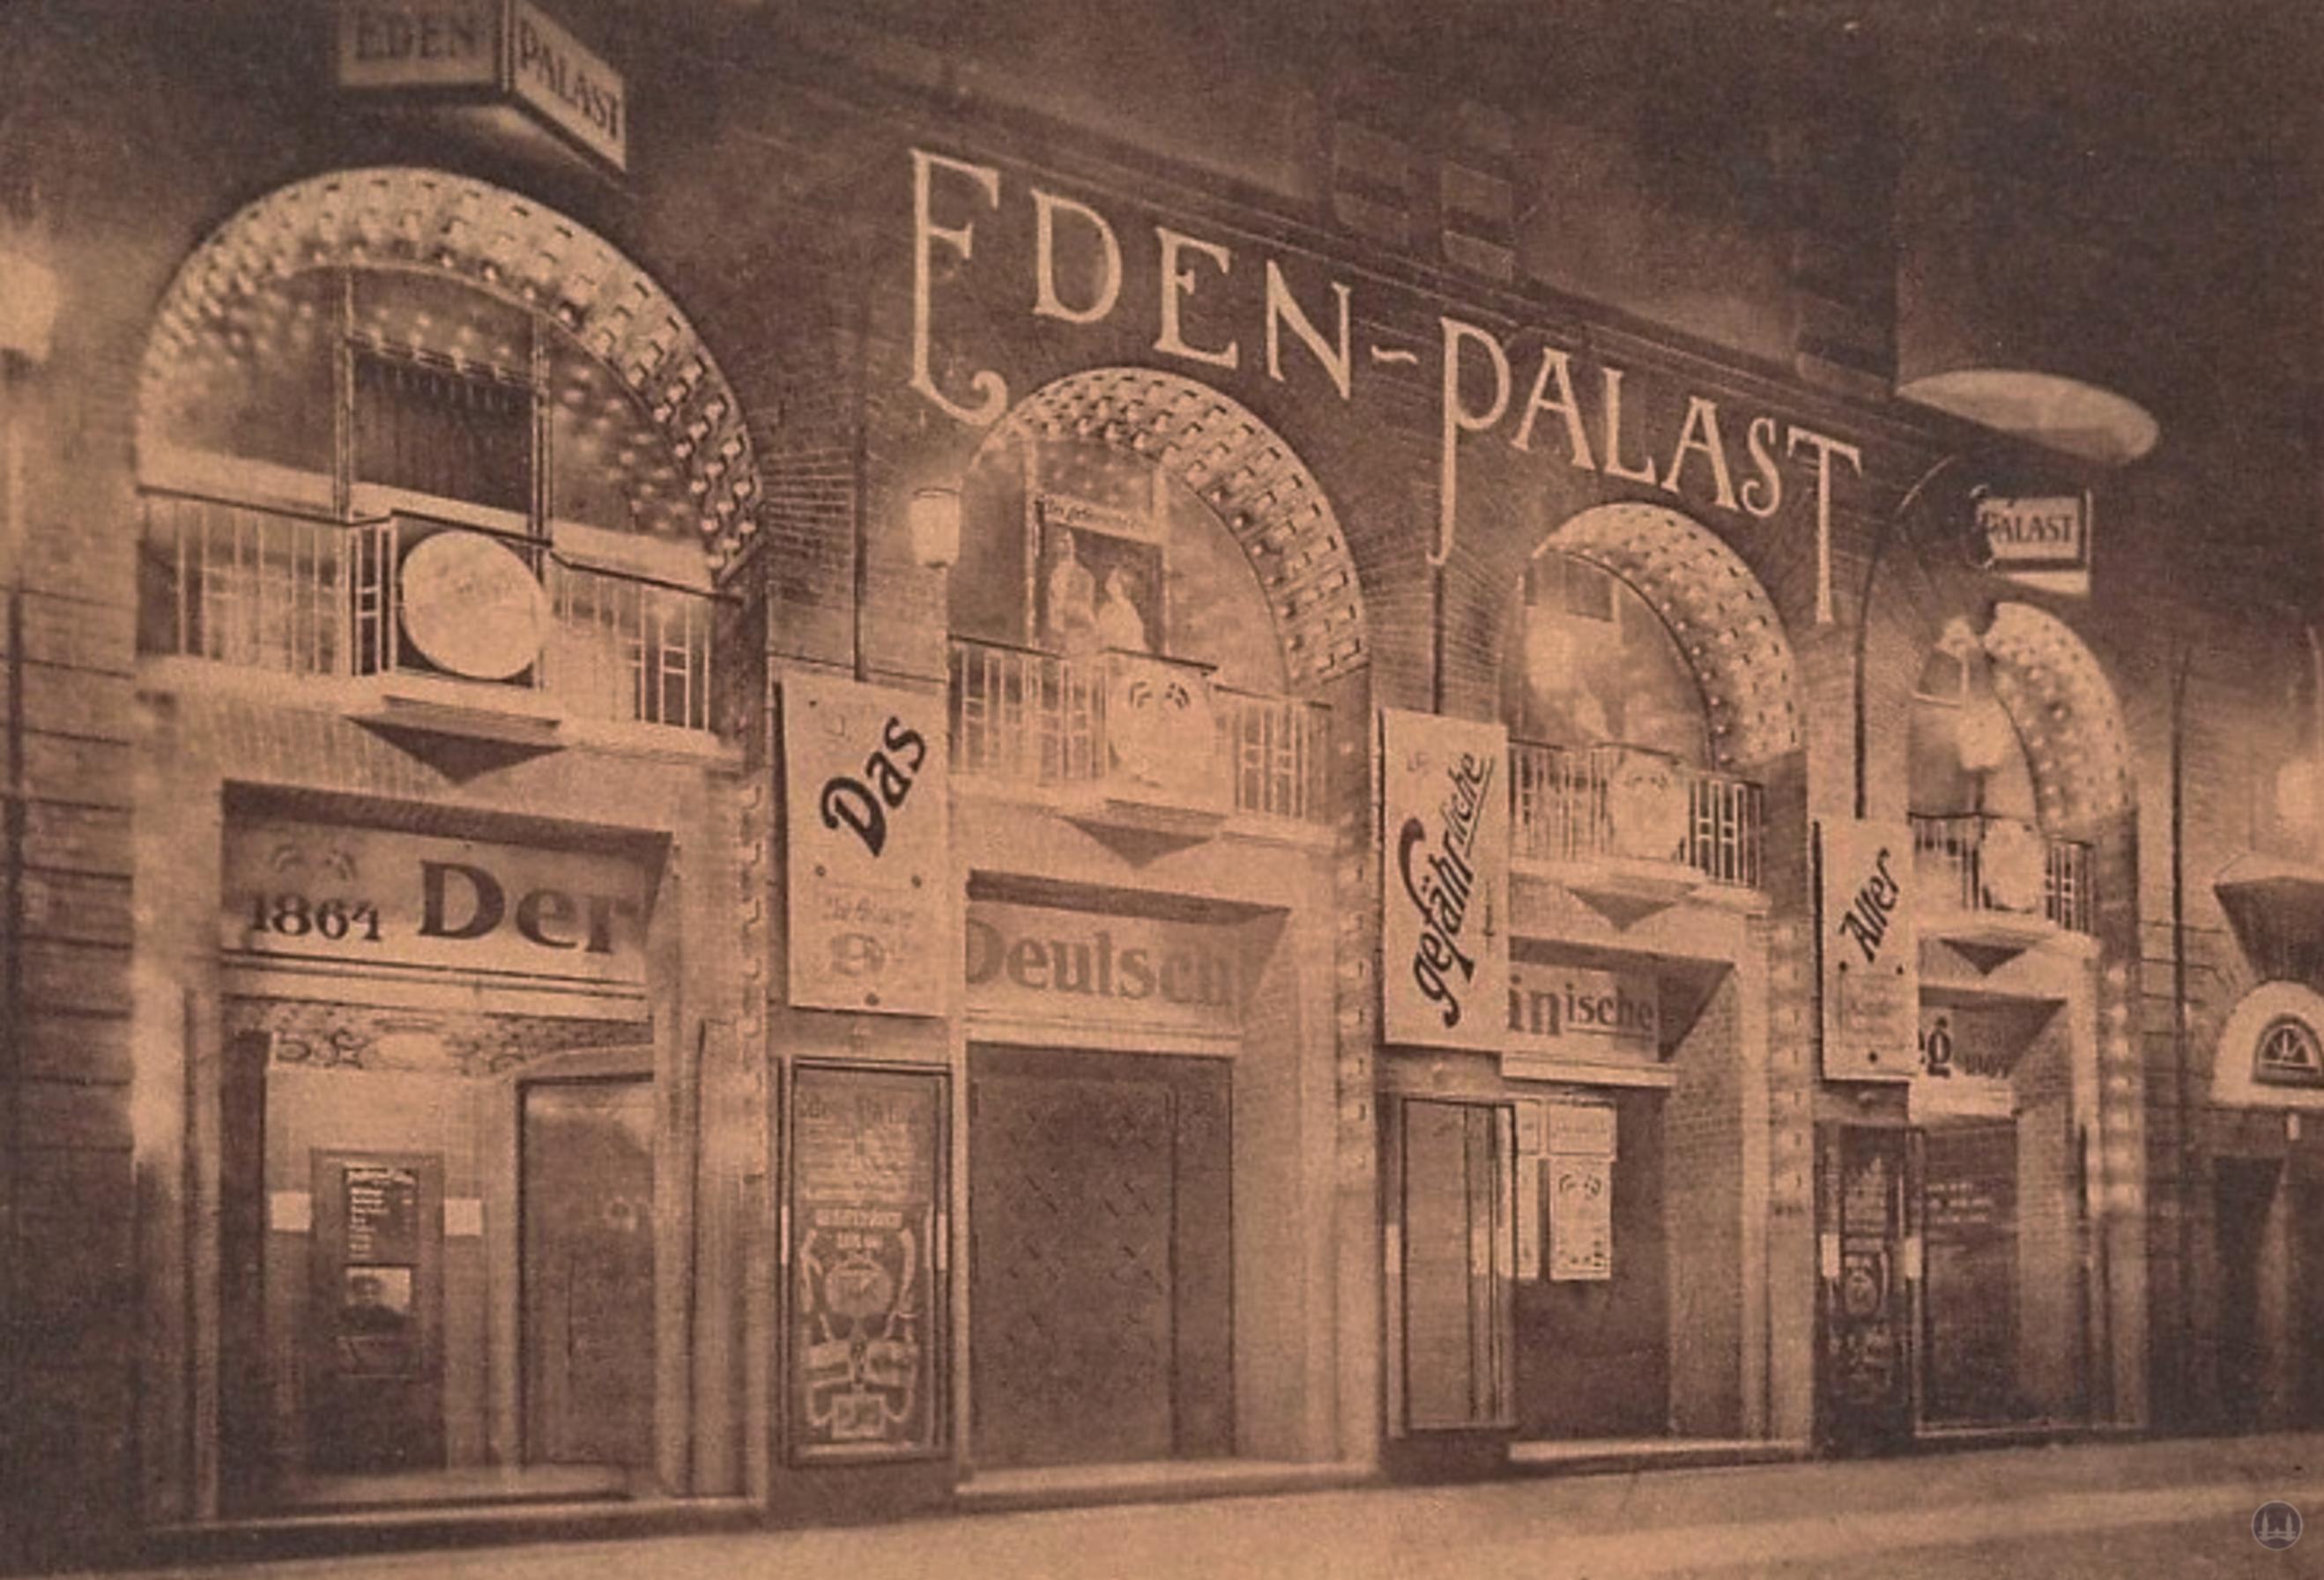 Der Eden - Palast am Kottbusser Damm in Kreuzberg. Kinoeingänge. Entwurf Bruno Taut.